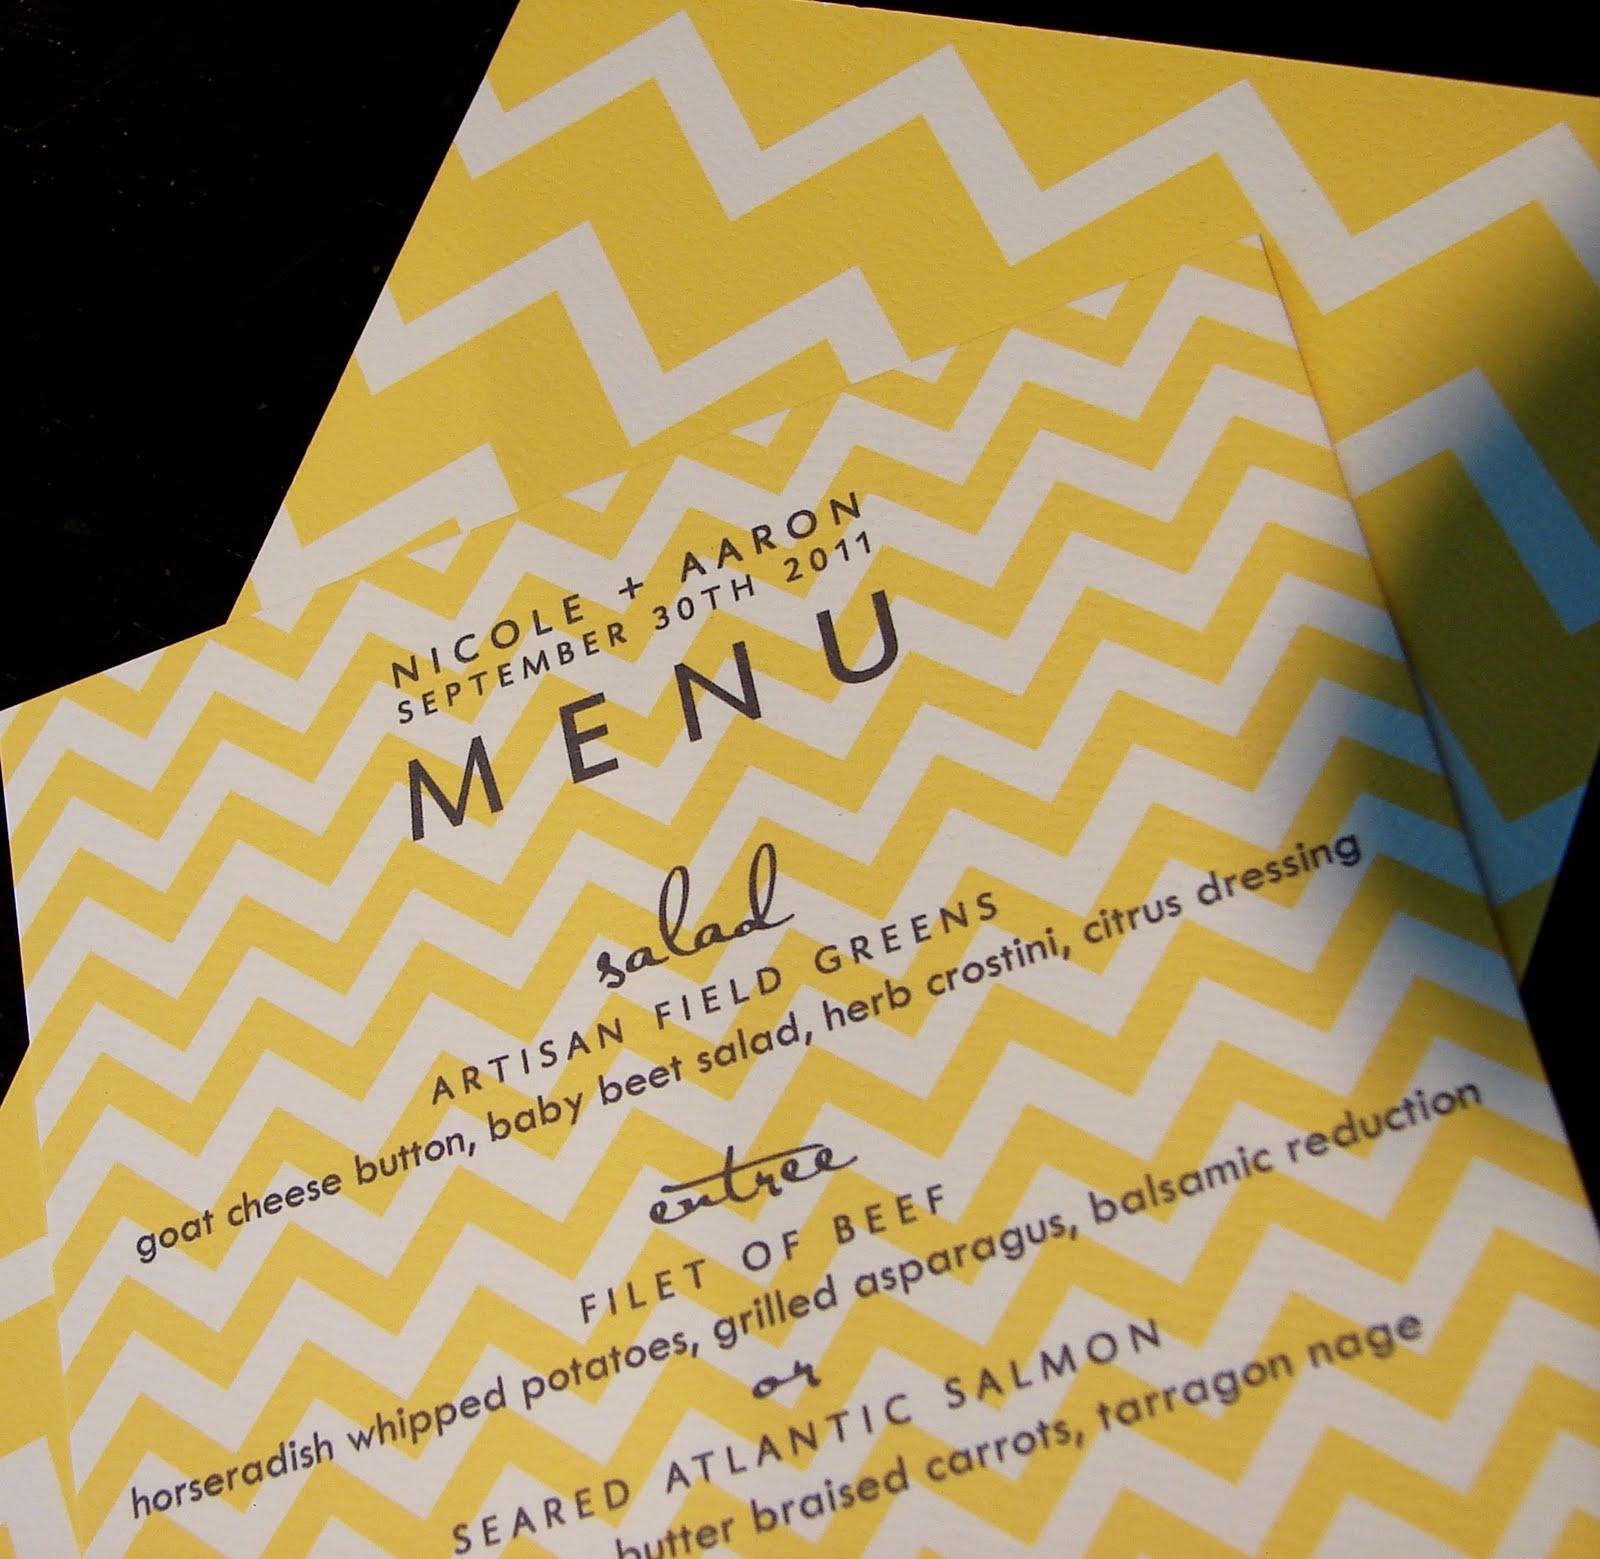 nicole-testa-menu-4